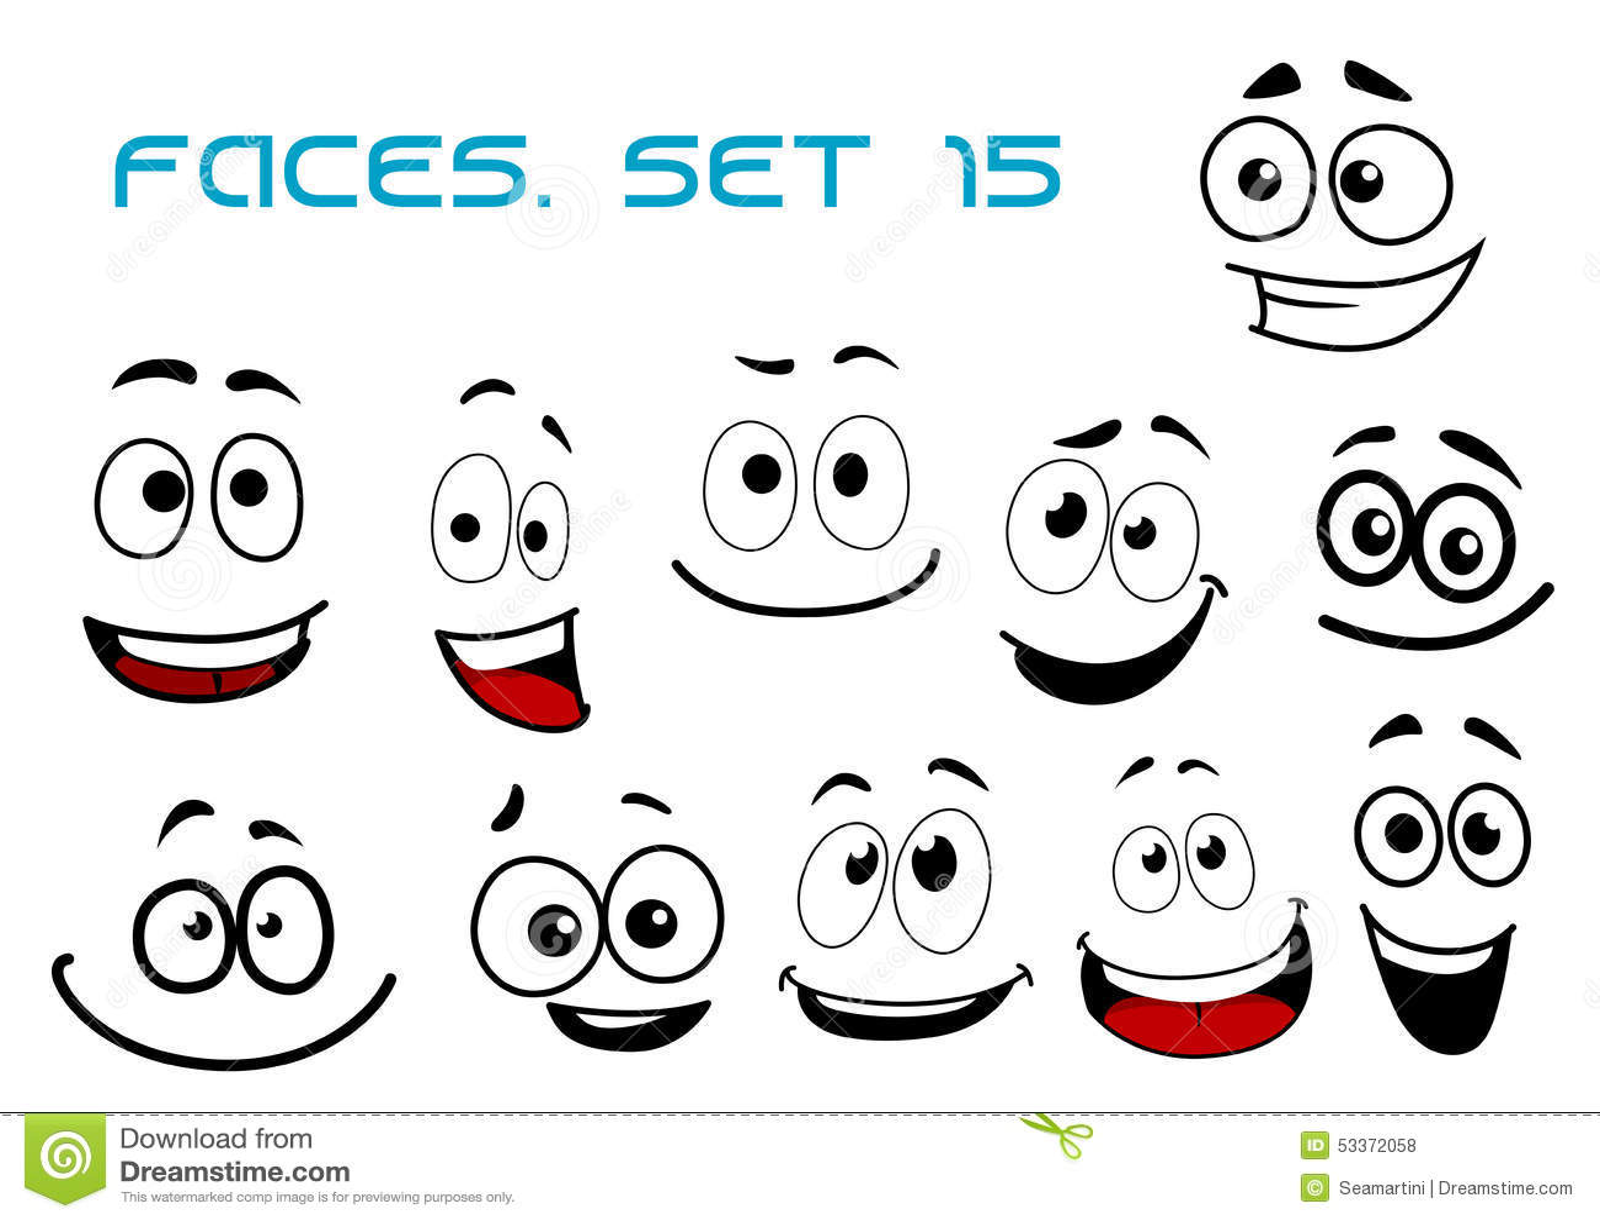 Lachende Gesichter Der Karikatur Mit Googly Augen Vektor